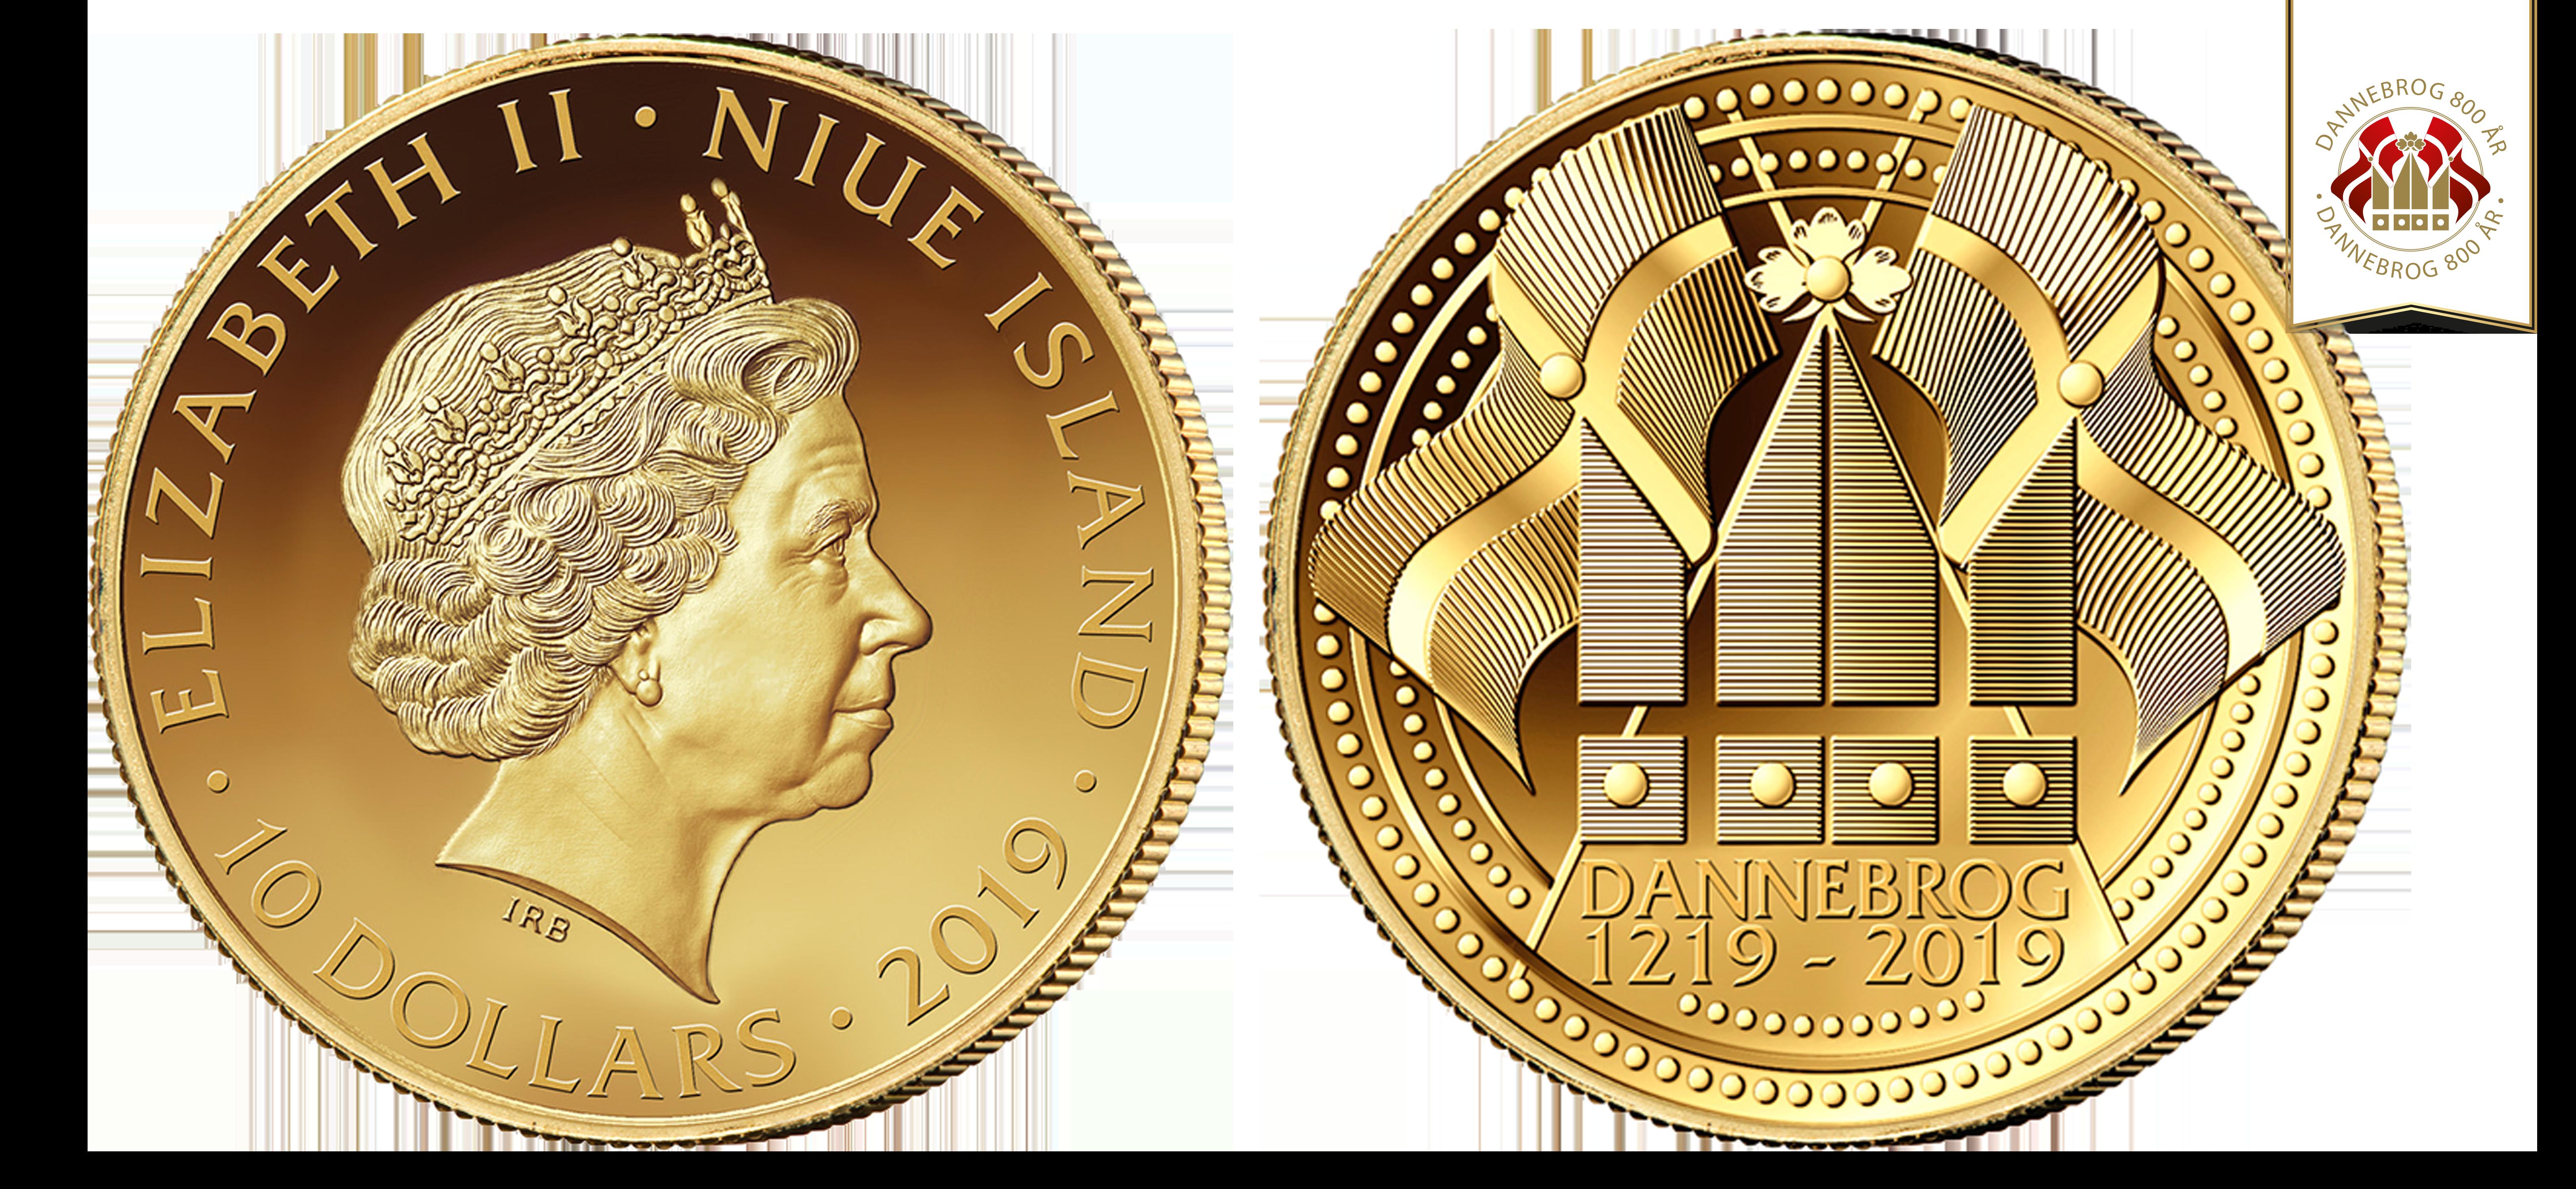 """Speciel Jubilæumønt """"Dannebrog 800 år"""" guldmønt i 99,9% guld. Guldmønt udgivet i forbindelse med 800-året for Dannebrog"""